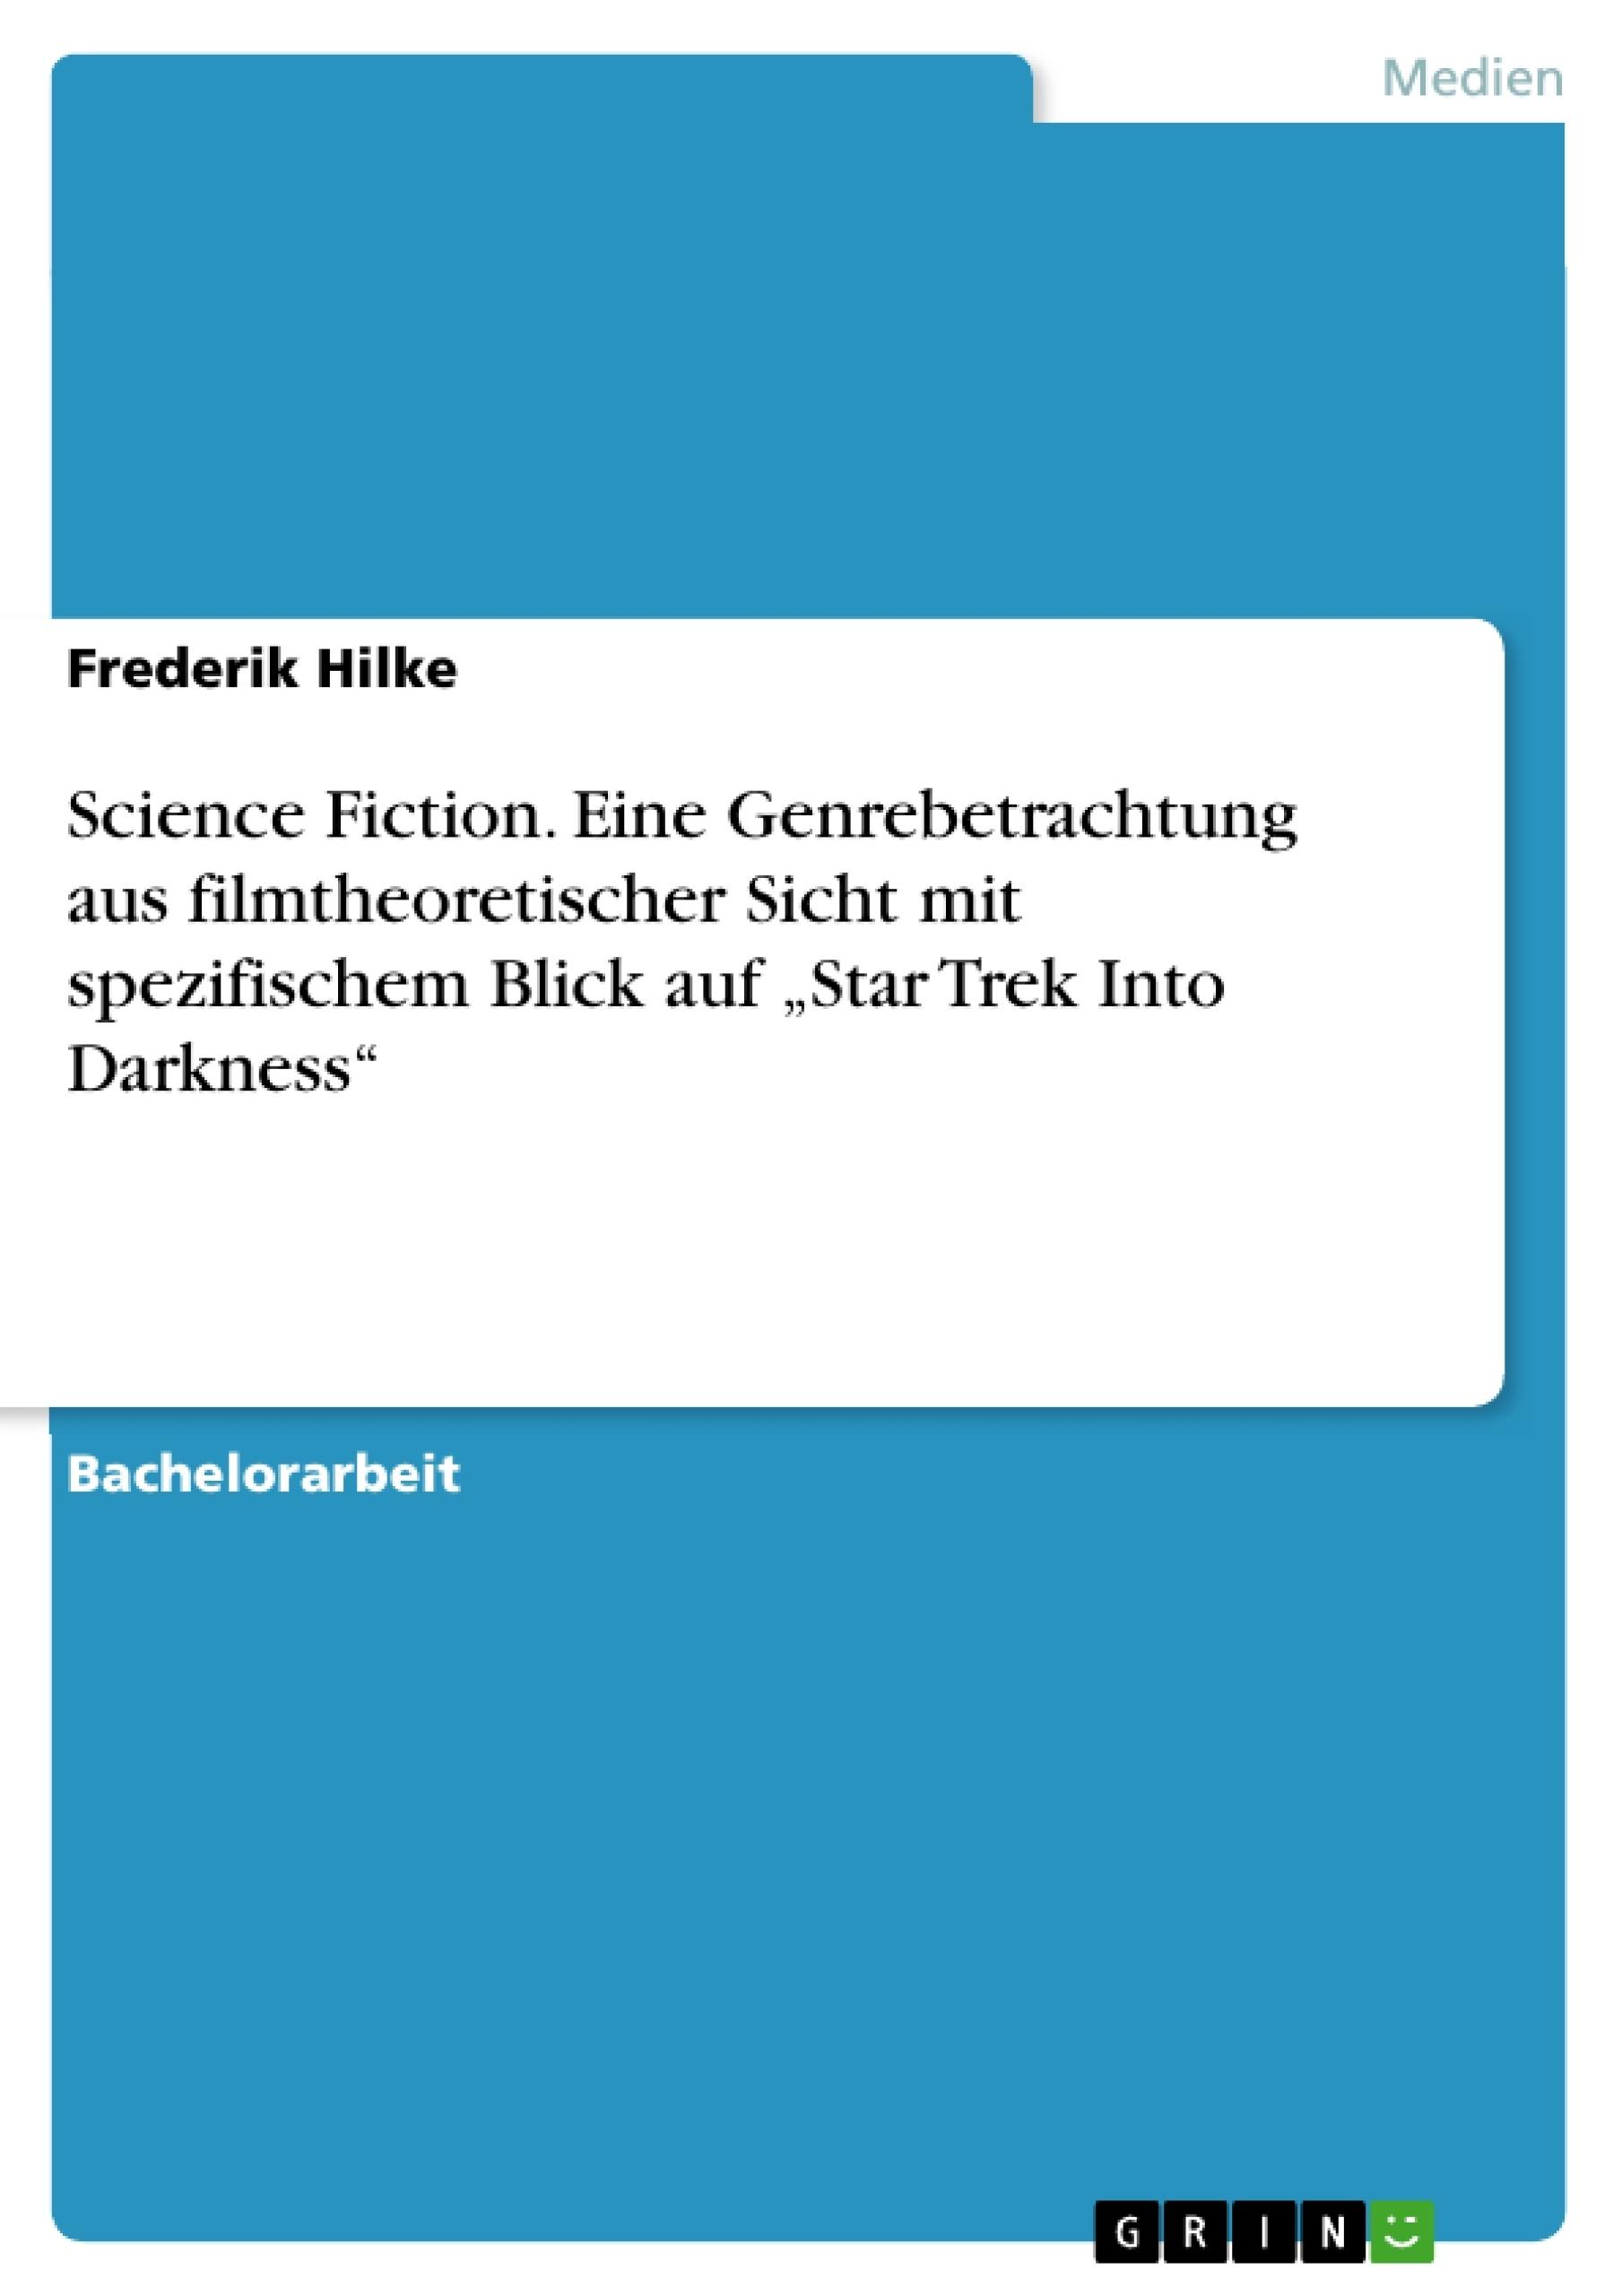 """Titel: Science Fiction. Eine Genrebetrachtung aus filmtheoretischer Sicht mit spezifischem Blick auf """"Star Trek Into Darkness"""""""